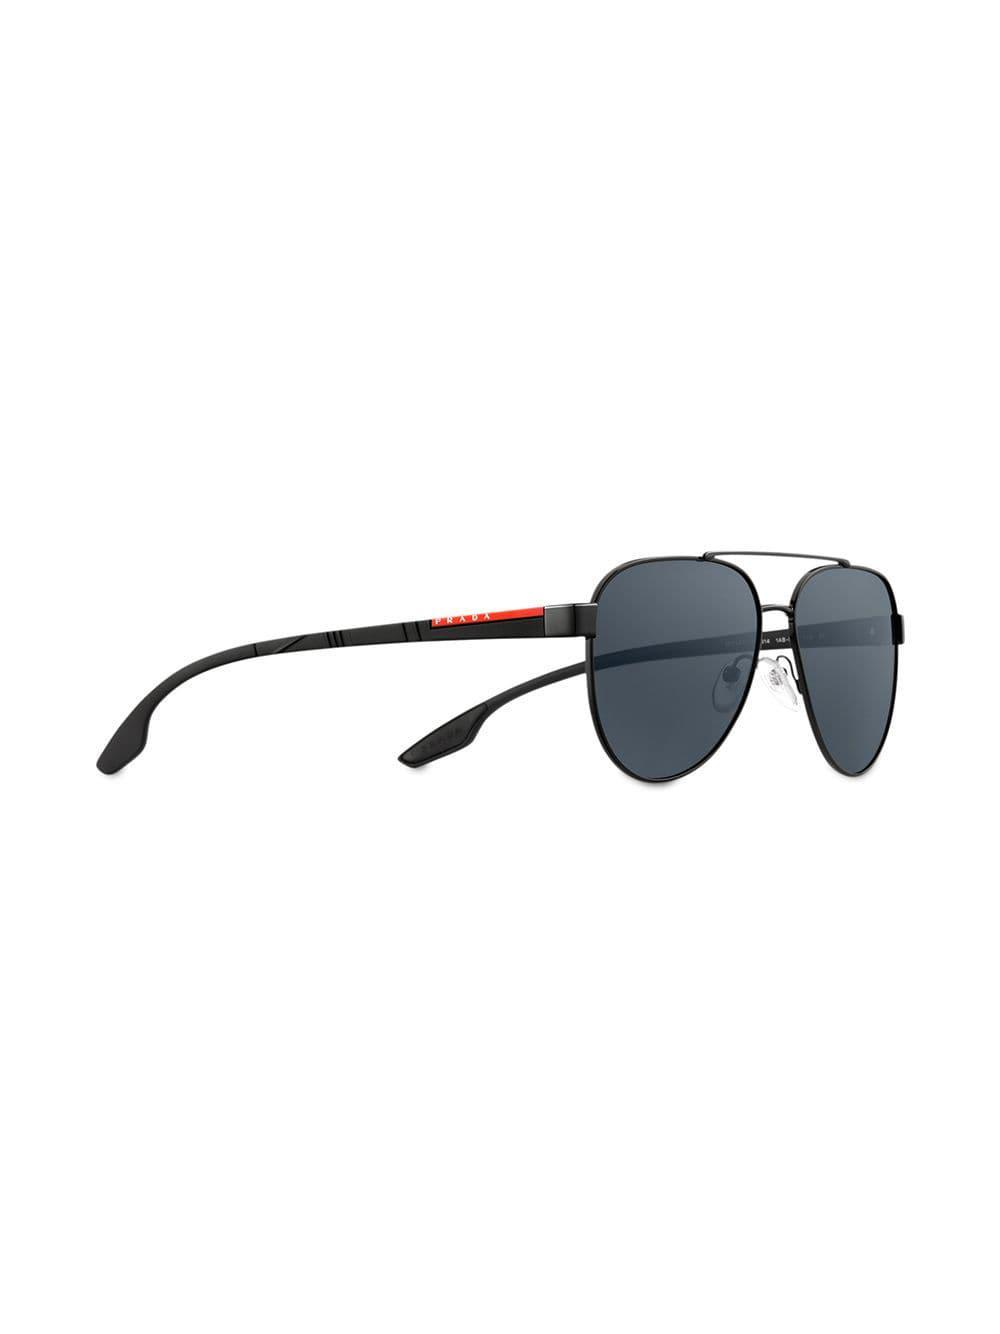 a4973fac364f Prada Prada Linea Rossa Stubb Eyewear in Black for Men - Lyst